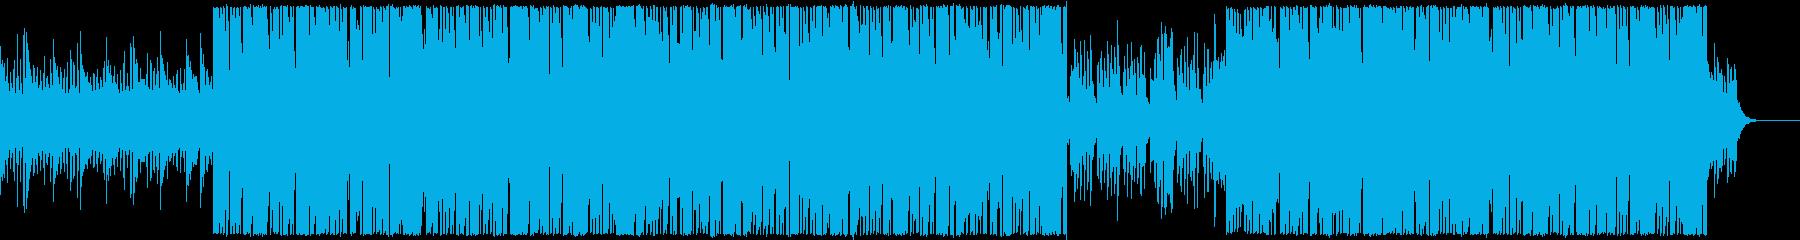 高い雪山をイメージした躍動感のあるBGMの再生済みの波形